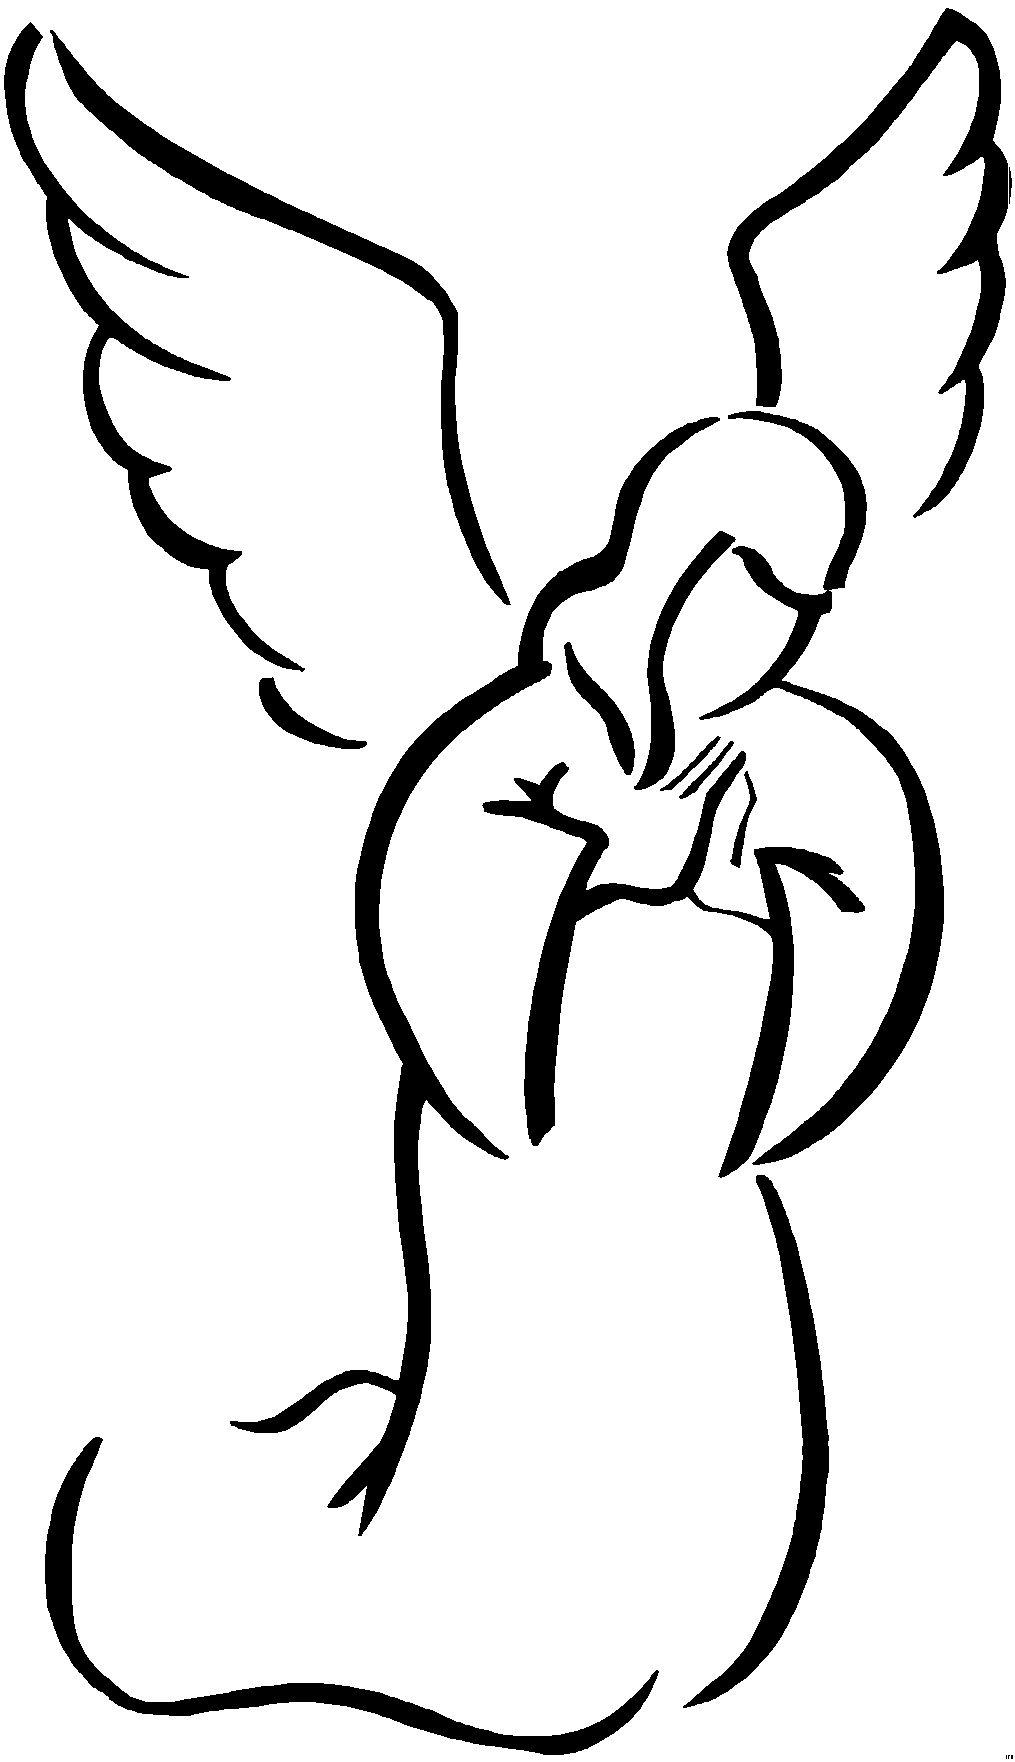 Malvorlagen Engelsflügel Kostenlos   Angel drawing, Angel ...